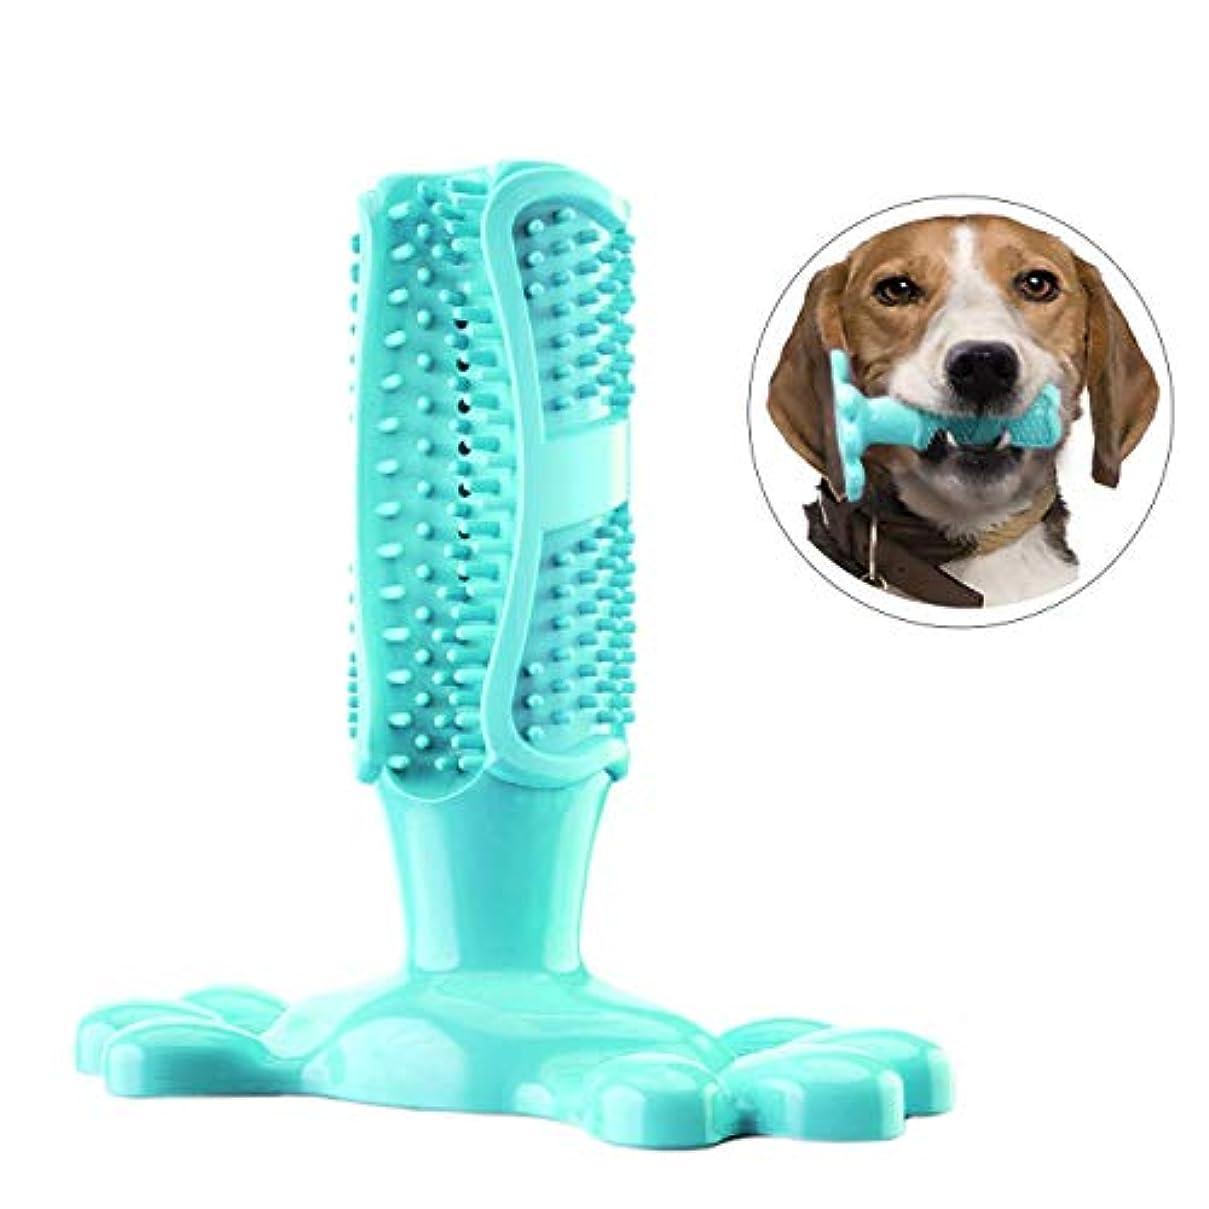 感謝芸術的タンカー犬用歯磨きおもちゃ歯磨き棒 柔らかい犬かむ玩具 歯石予防 360度清潔 耐久性 天然ゴム 安心使用